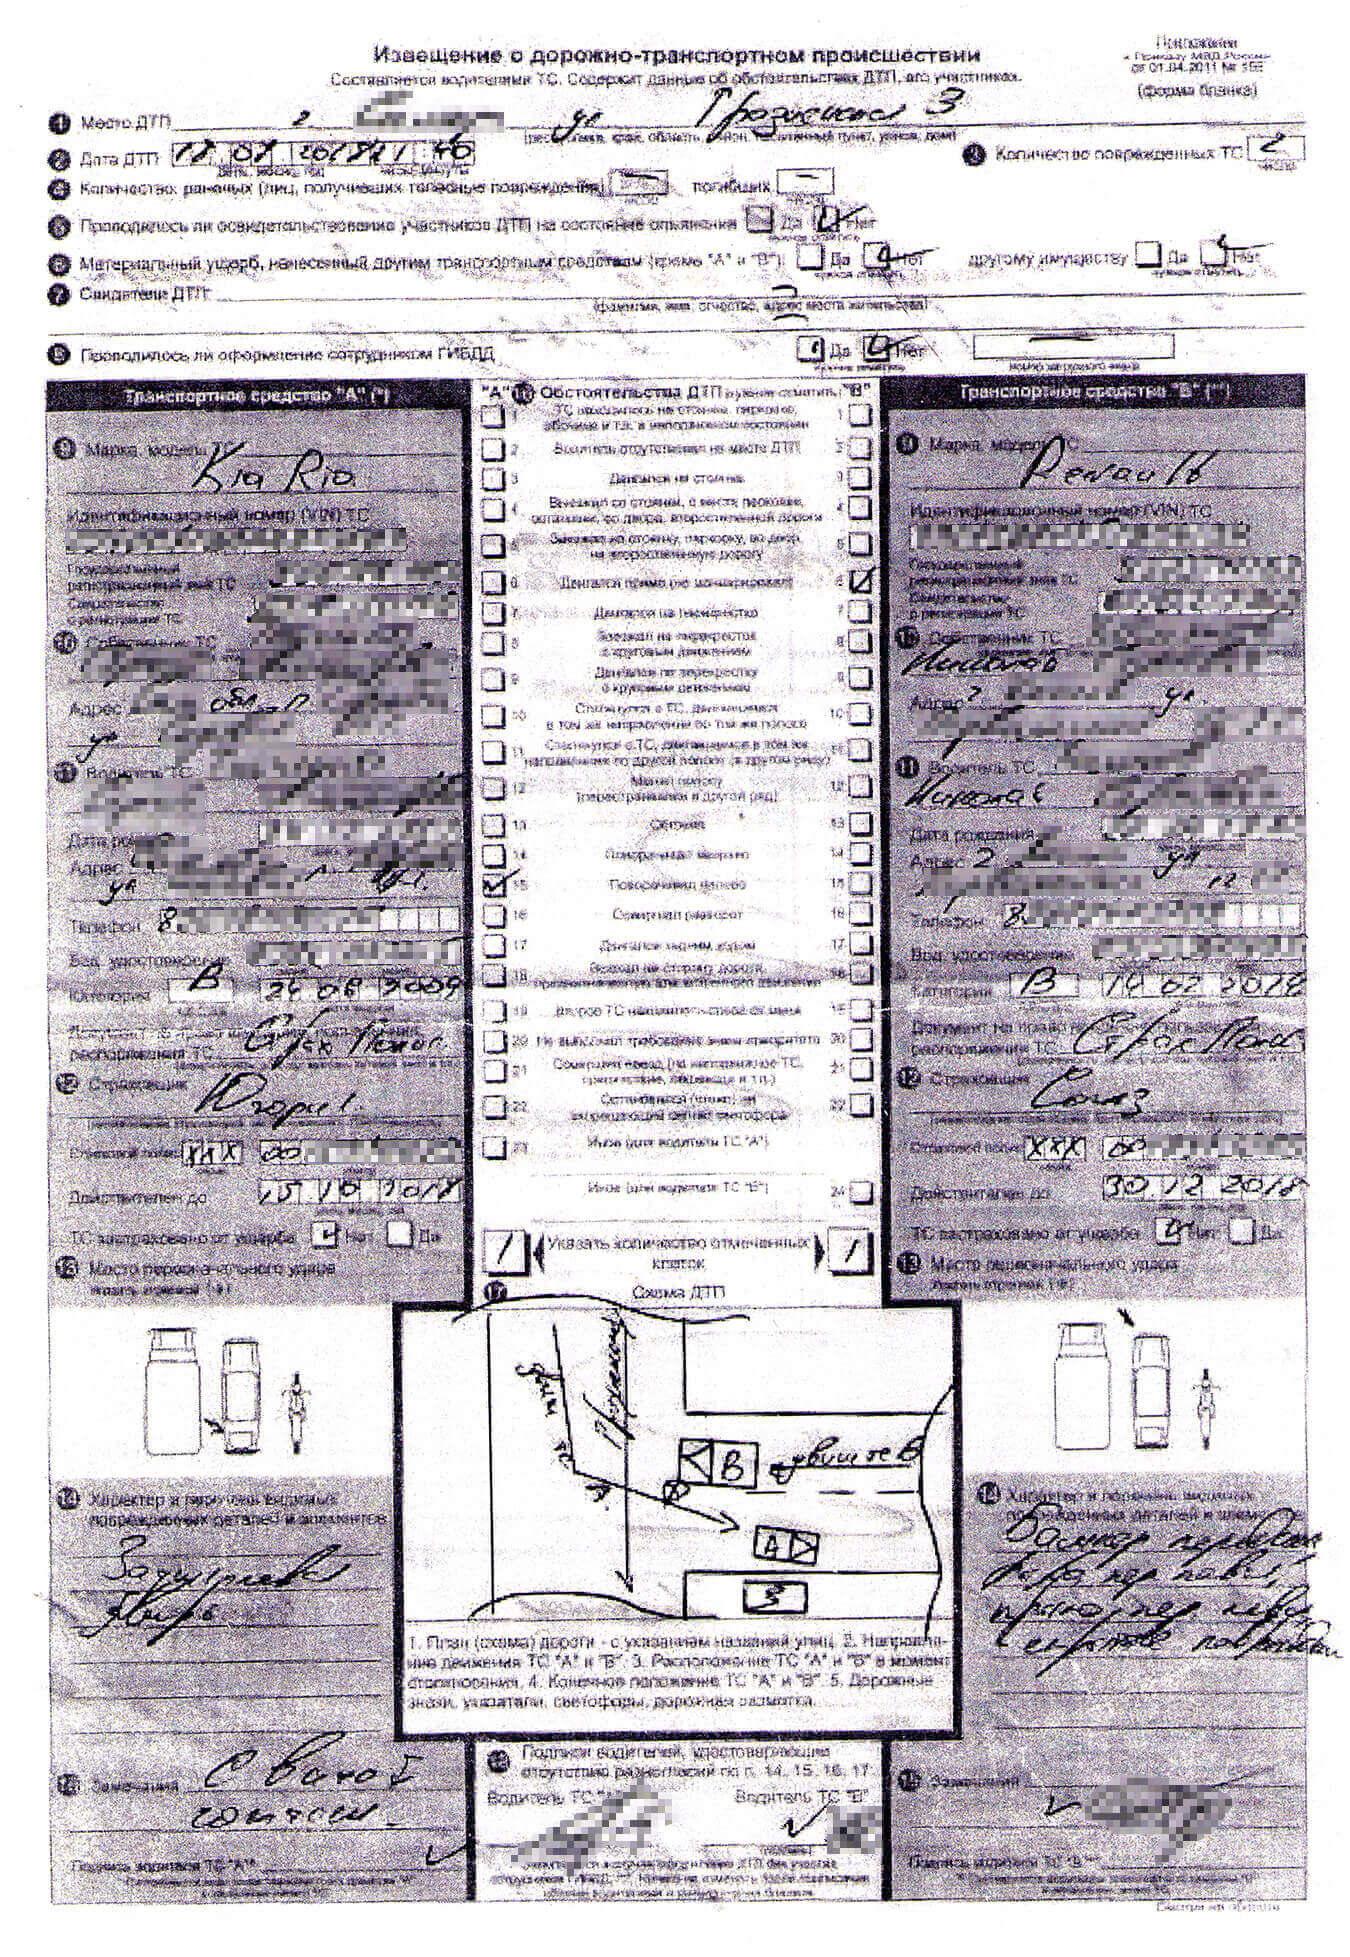 Европротокол, который мы составили после ДТП. Второй участник написал «с виной согласен» и поставил свою подпись